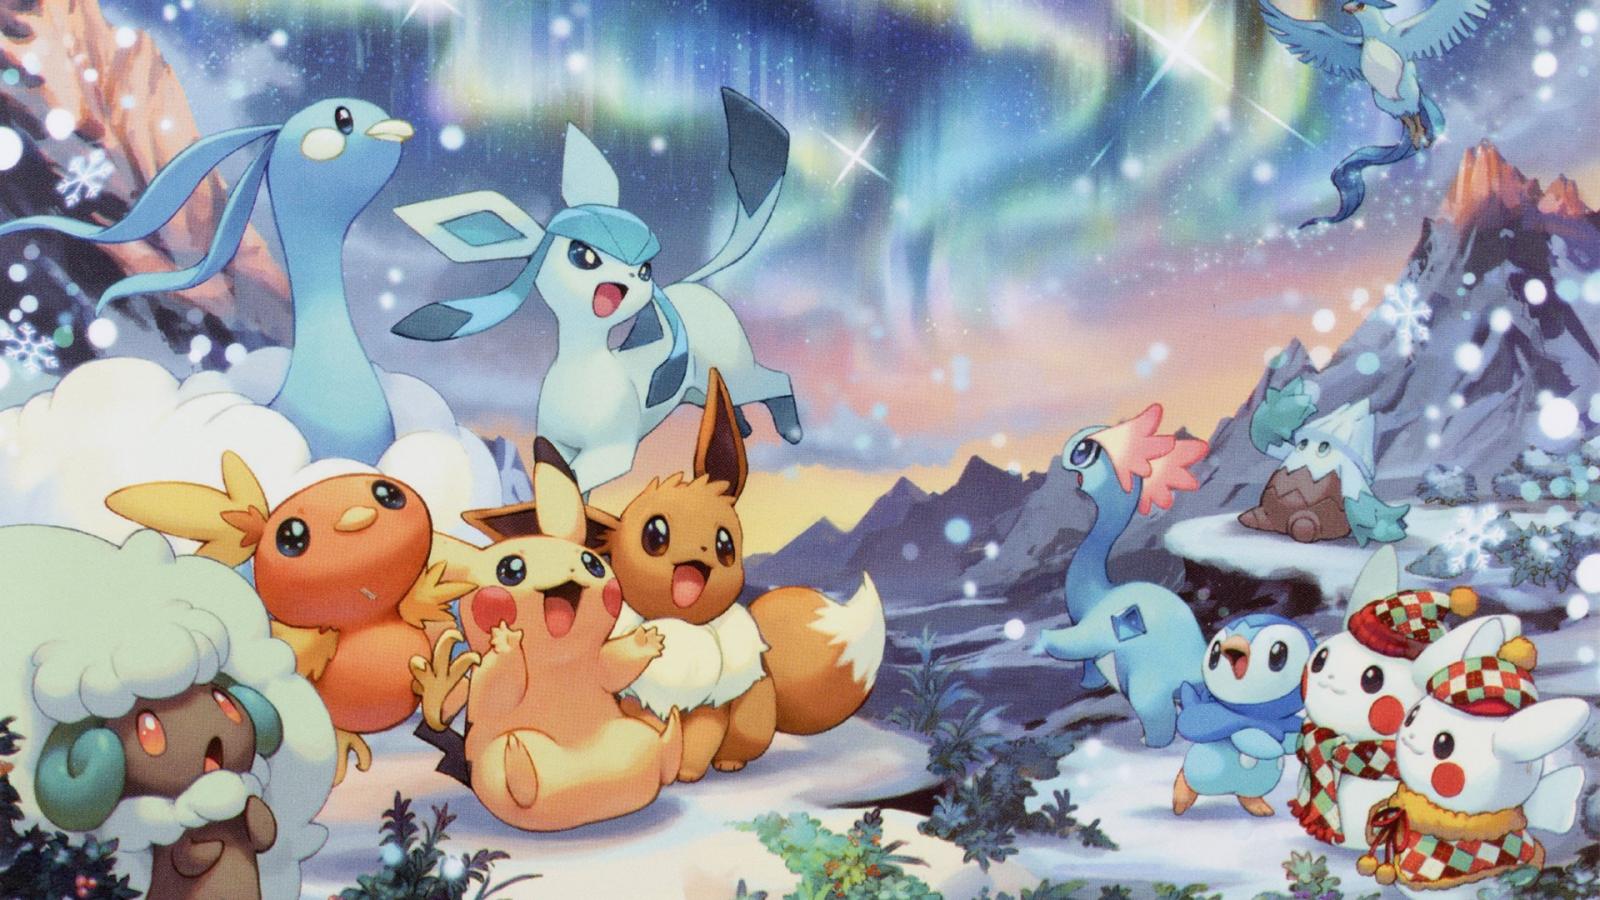 Fond D écran Vacances De Noël: Fond D'écran : Illustration, Anime, Dessin Animé, Pok Mon